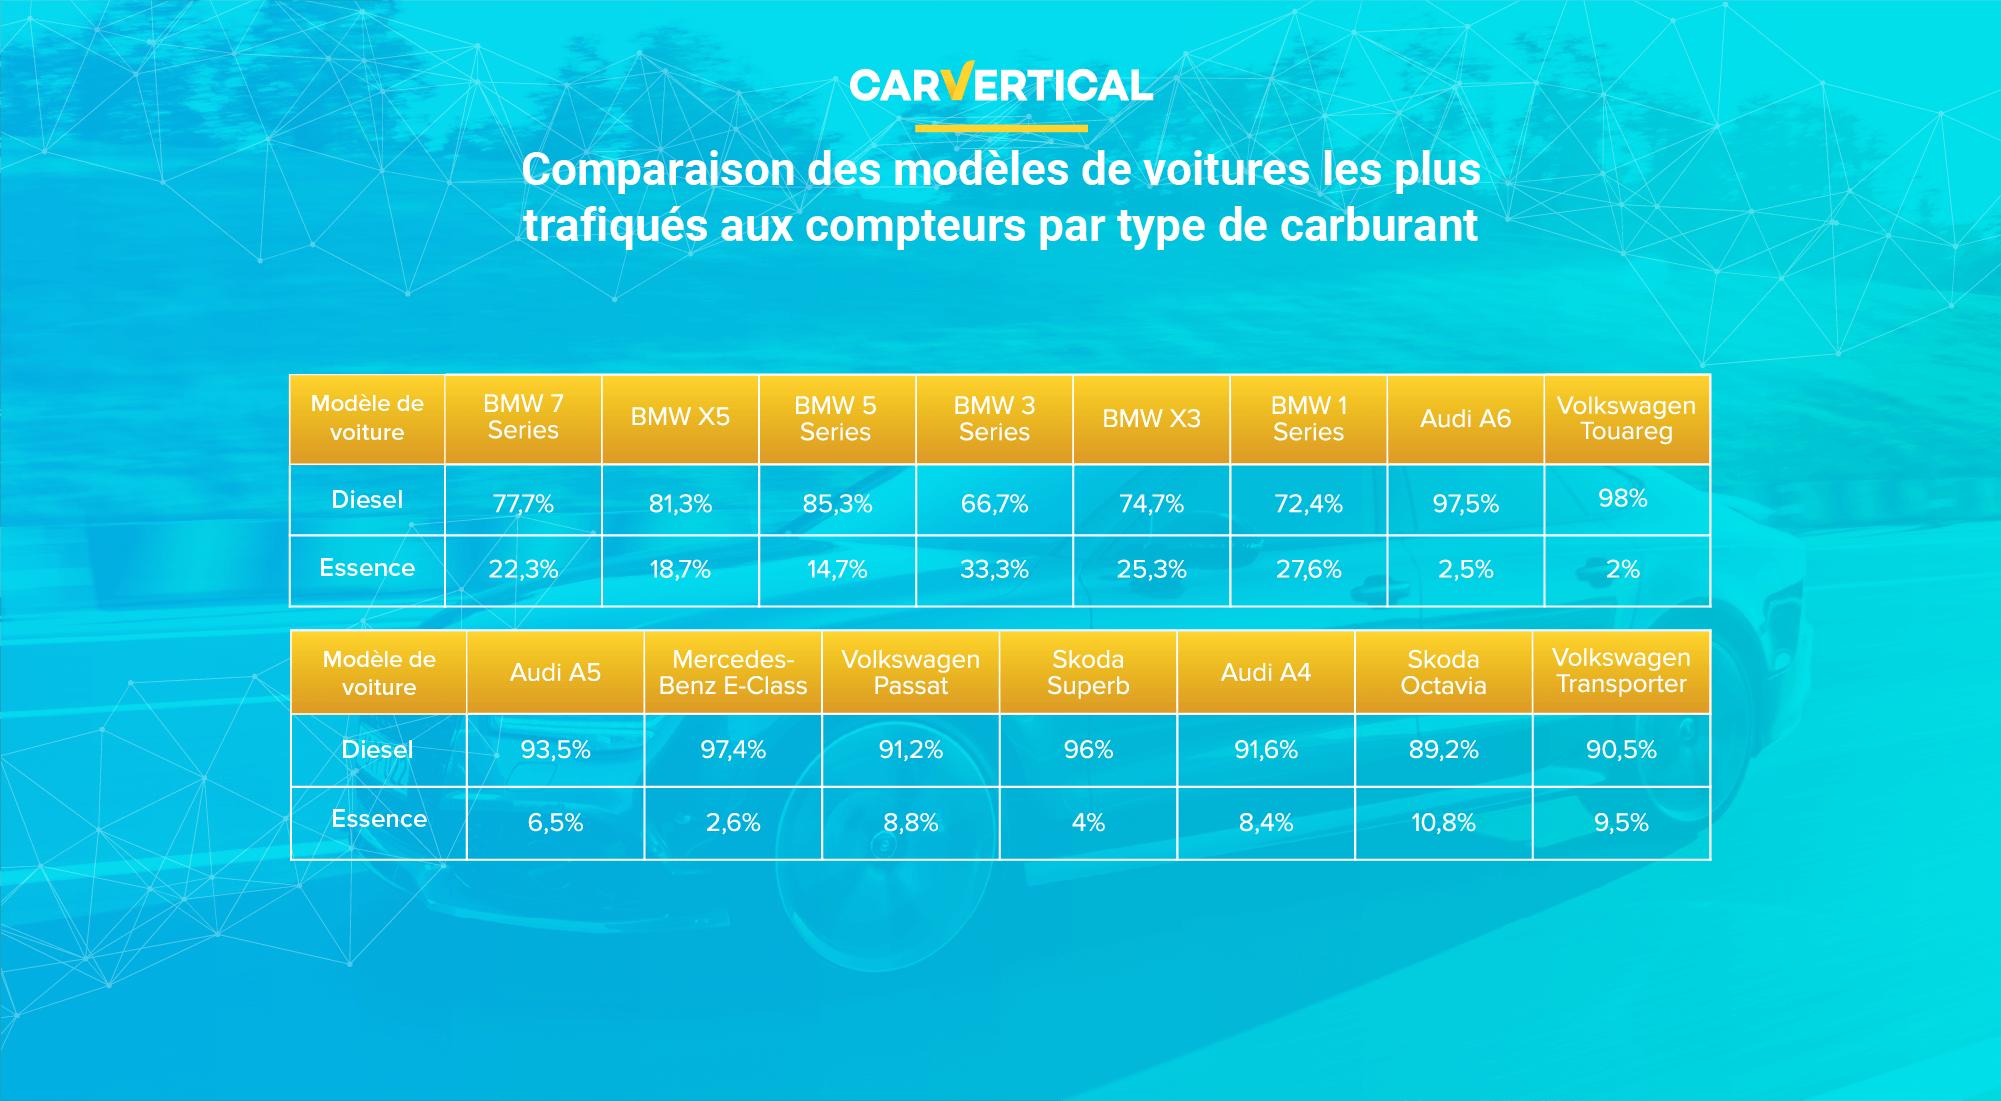 Comparaison des modèles de voitures les plus trafiqués aux compteurs partype de carburant